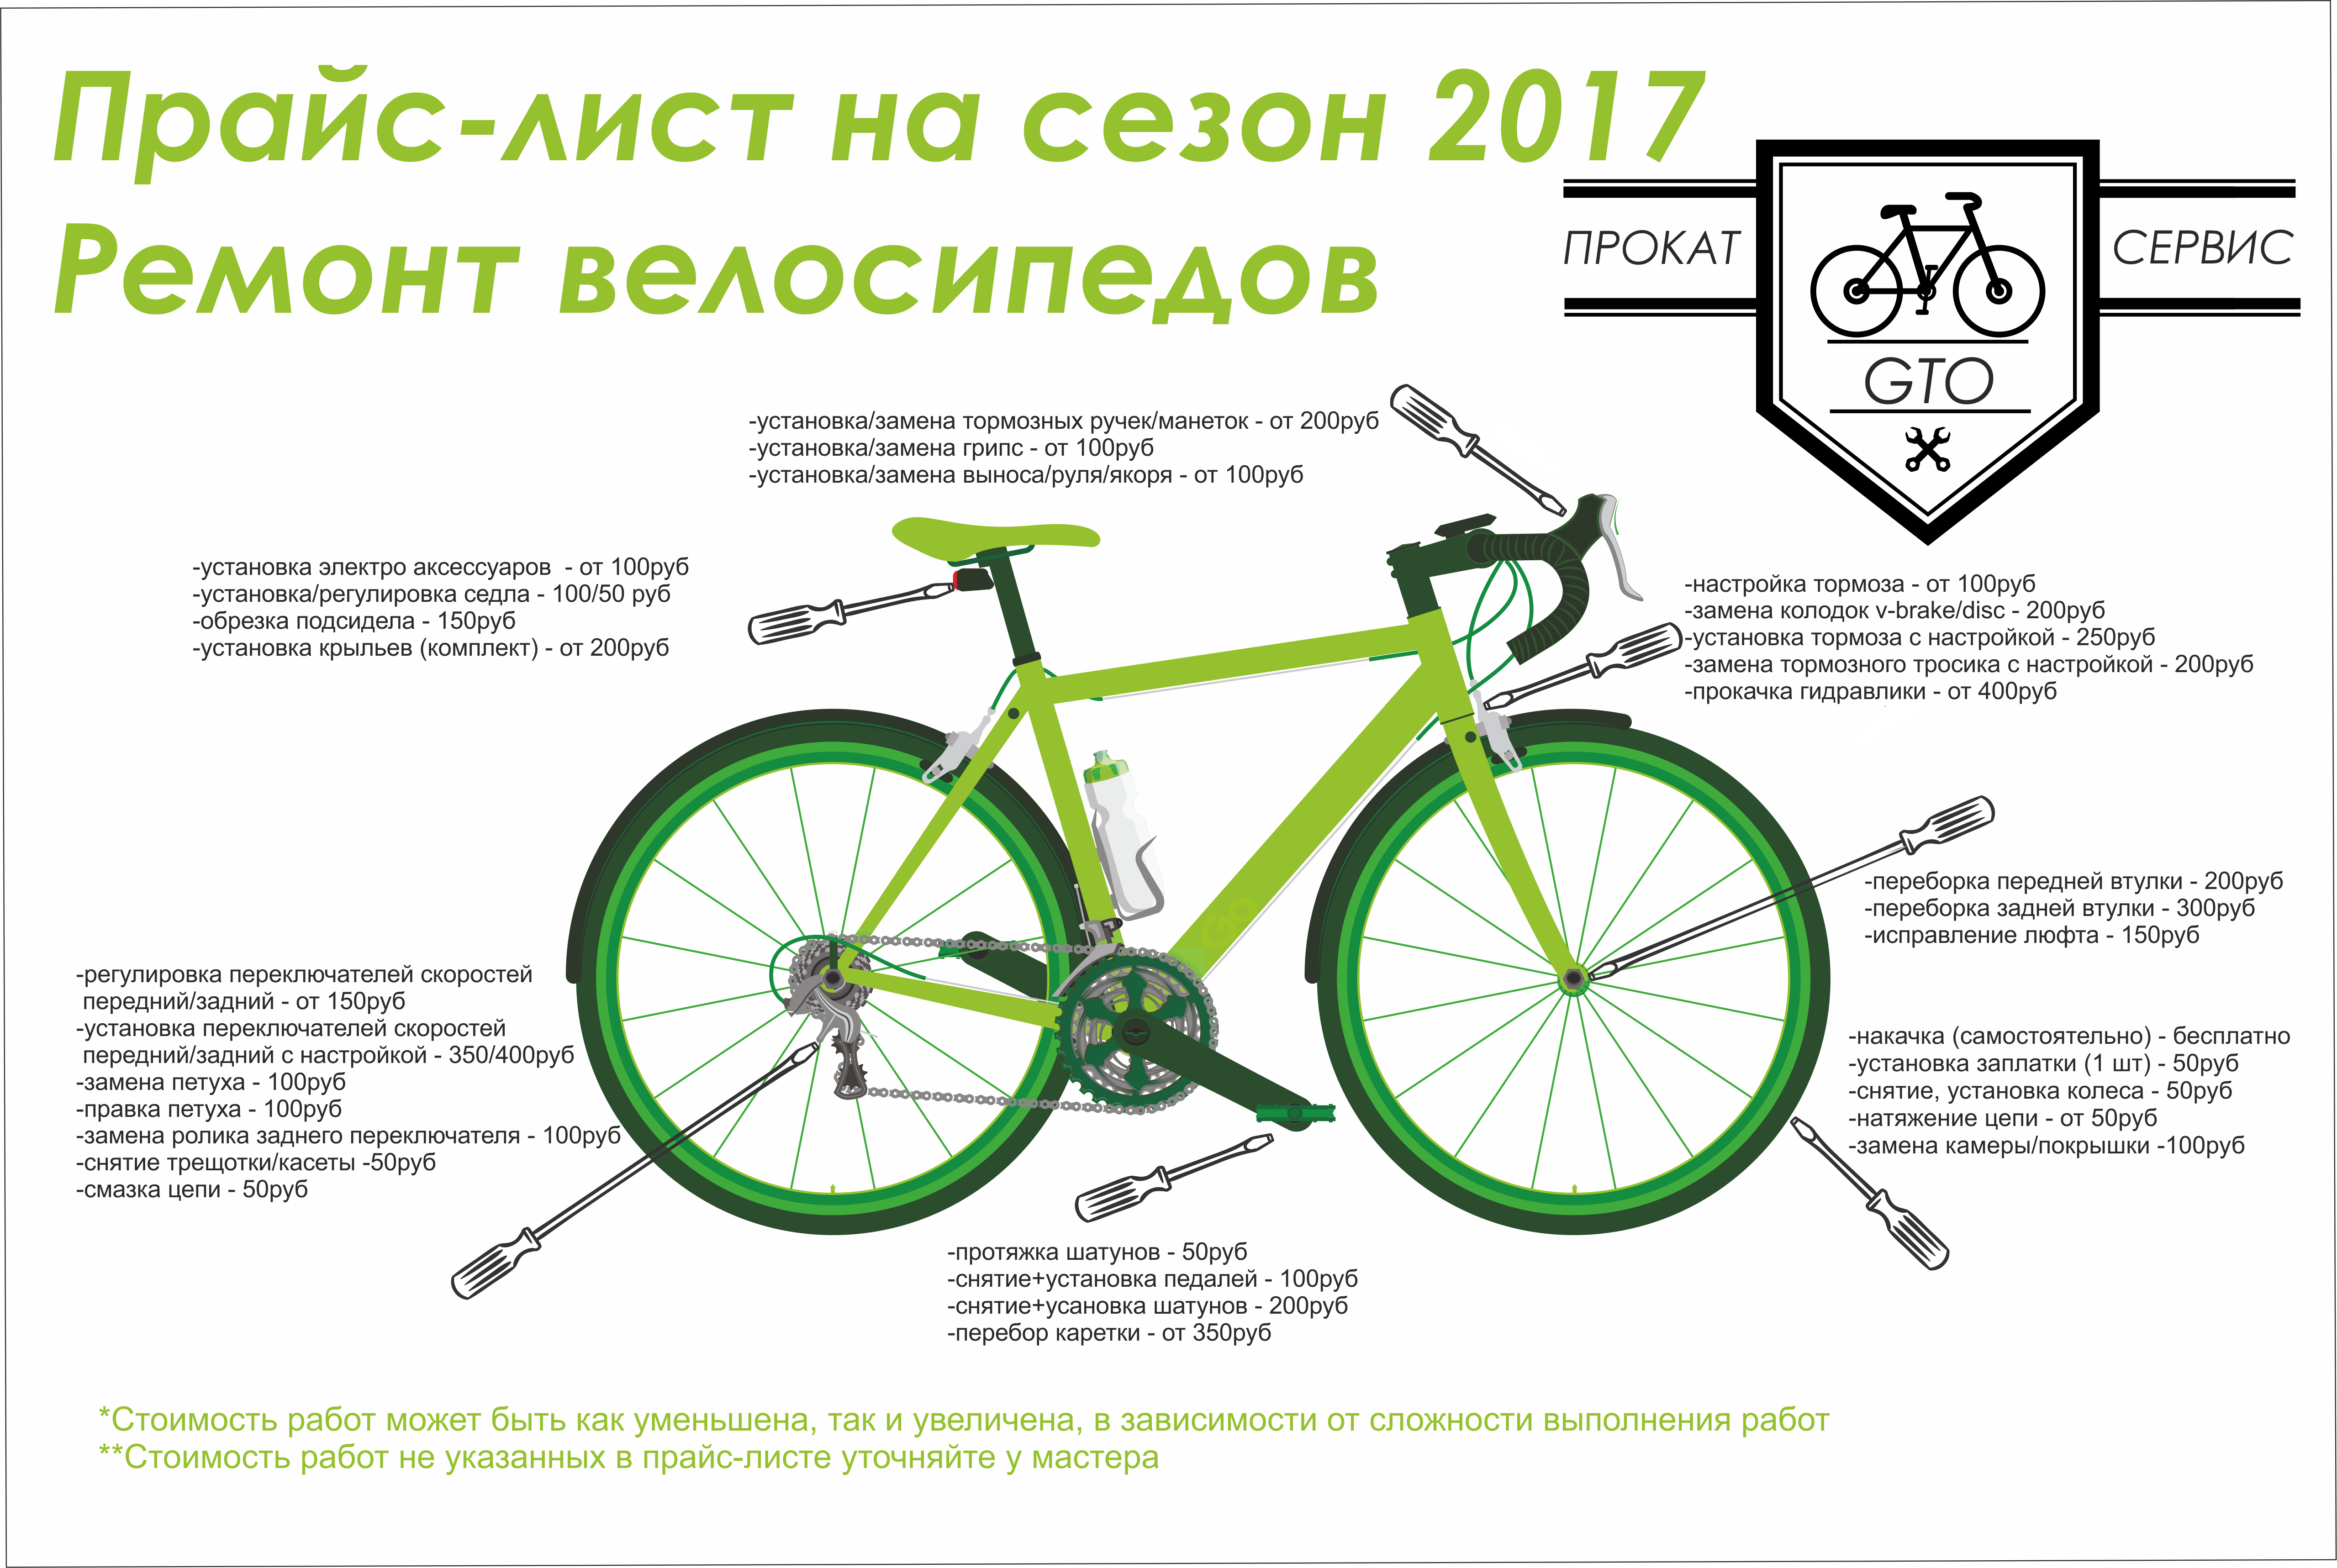 Ремонт, сервис, обслуживание велосипедов в челябинске